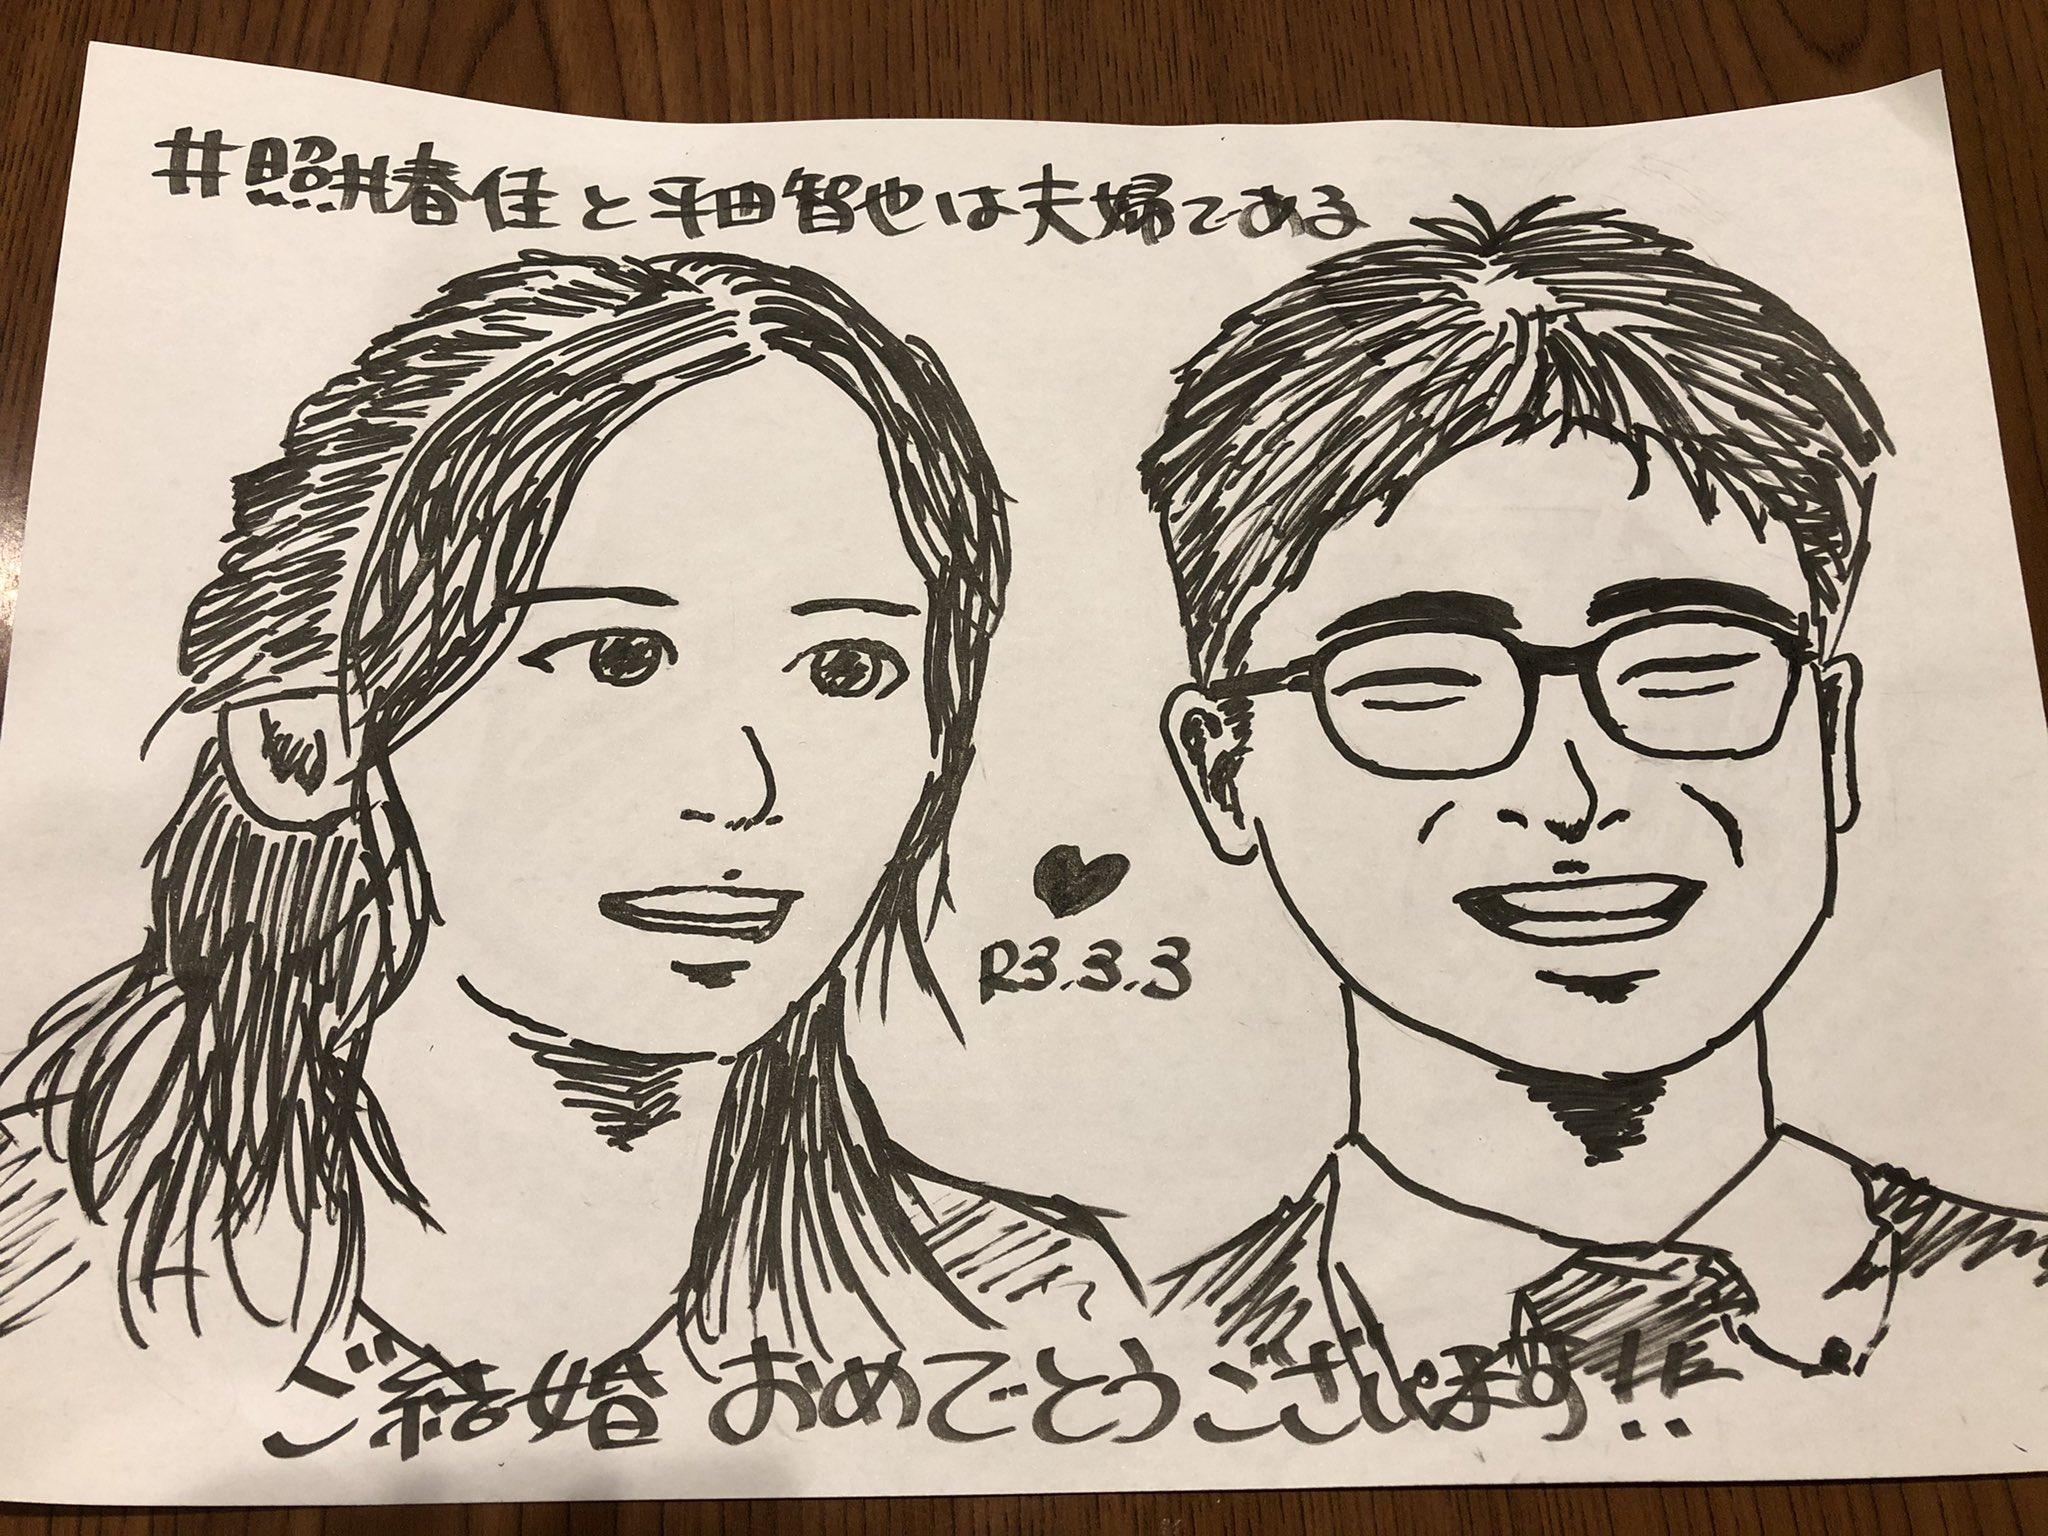 Imagen dedicada por un fan a la pareja